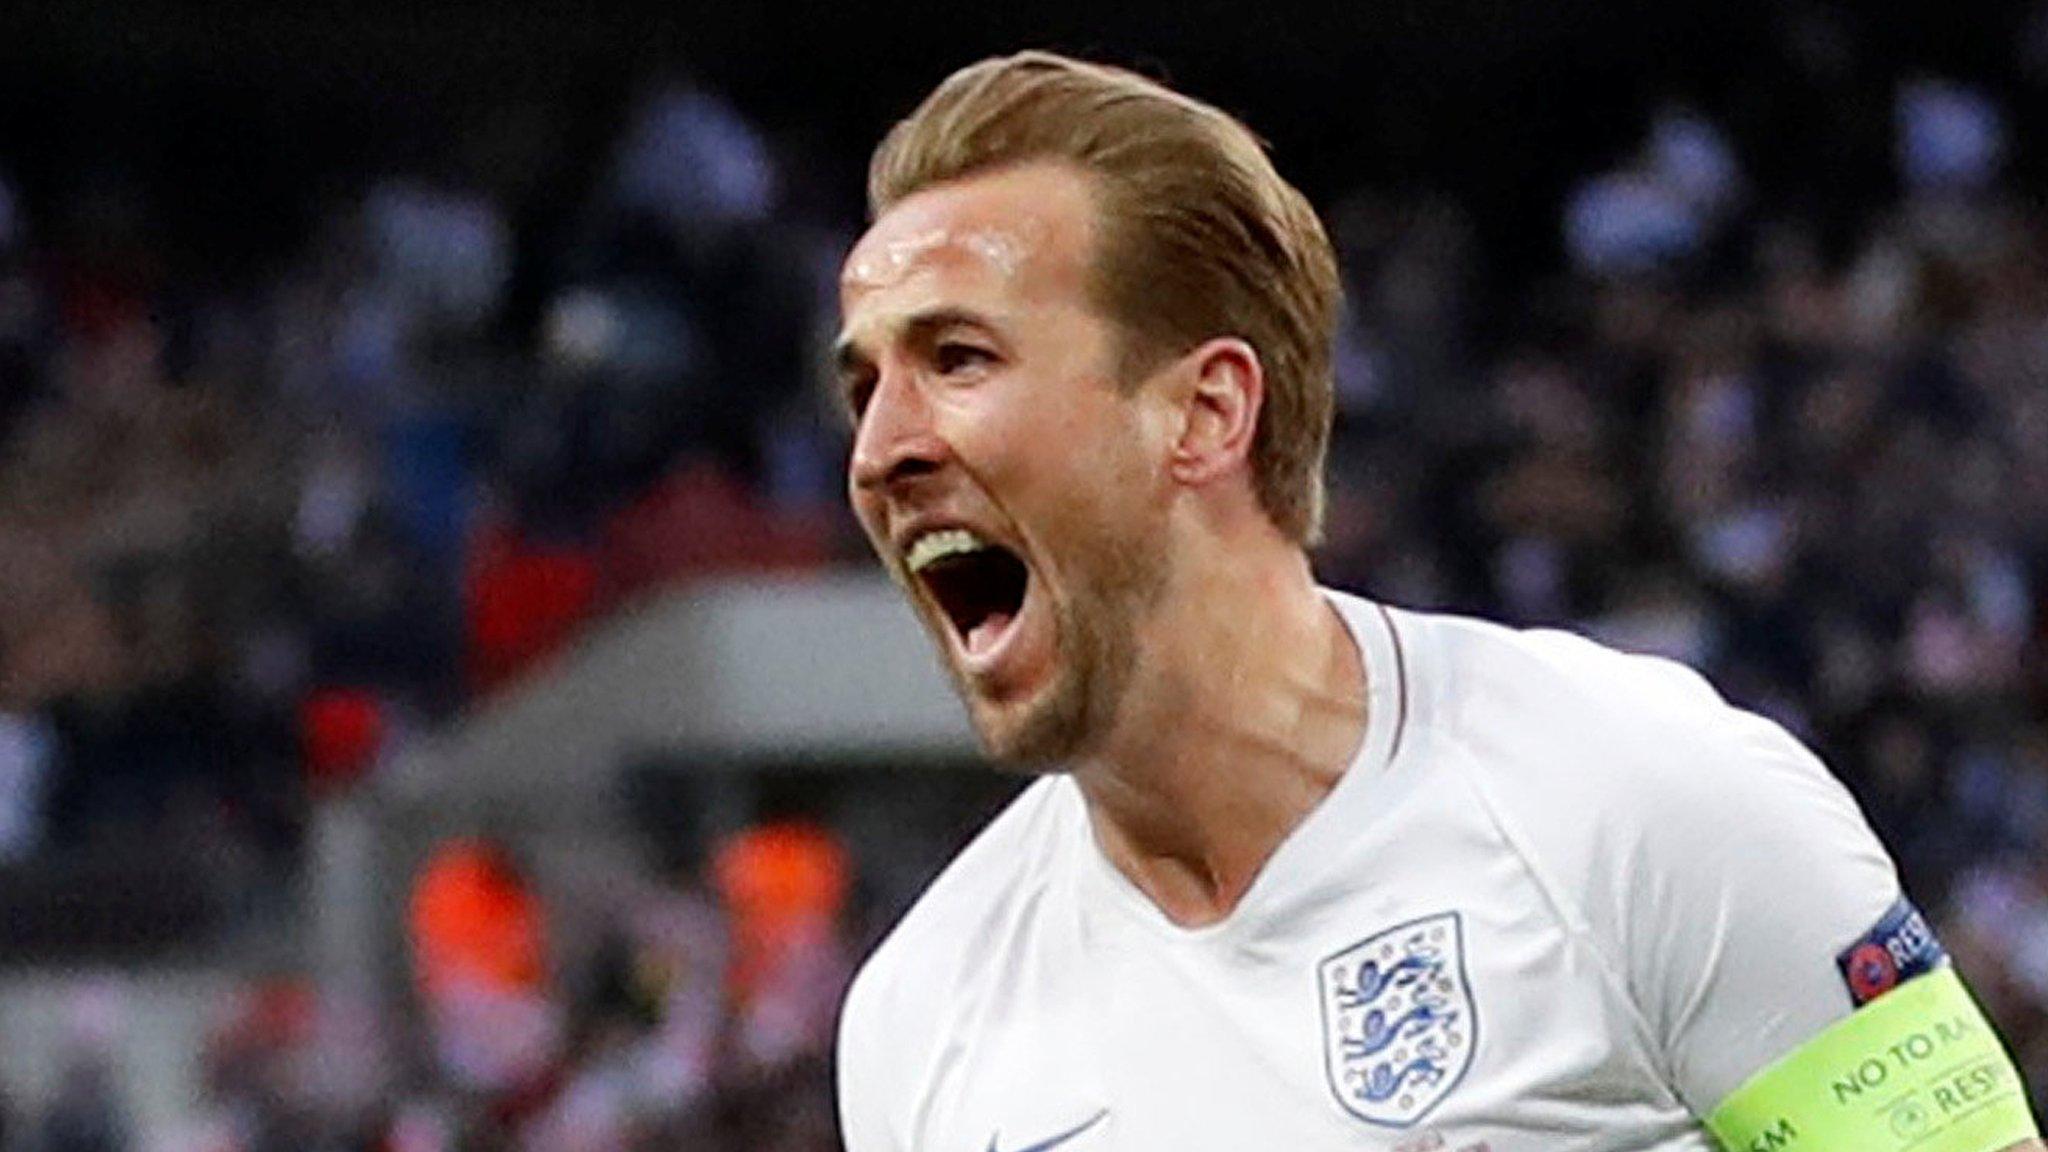 England comeback seals finals spot